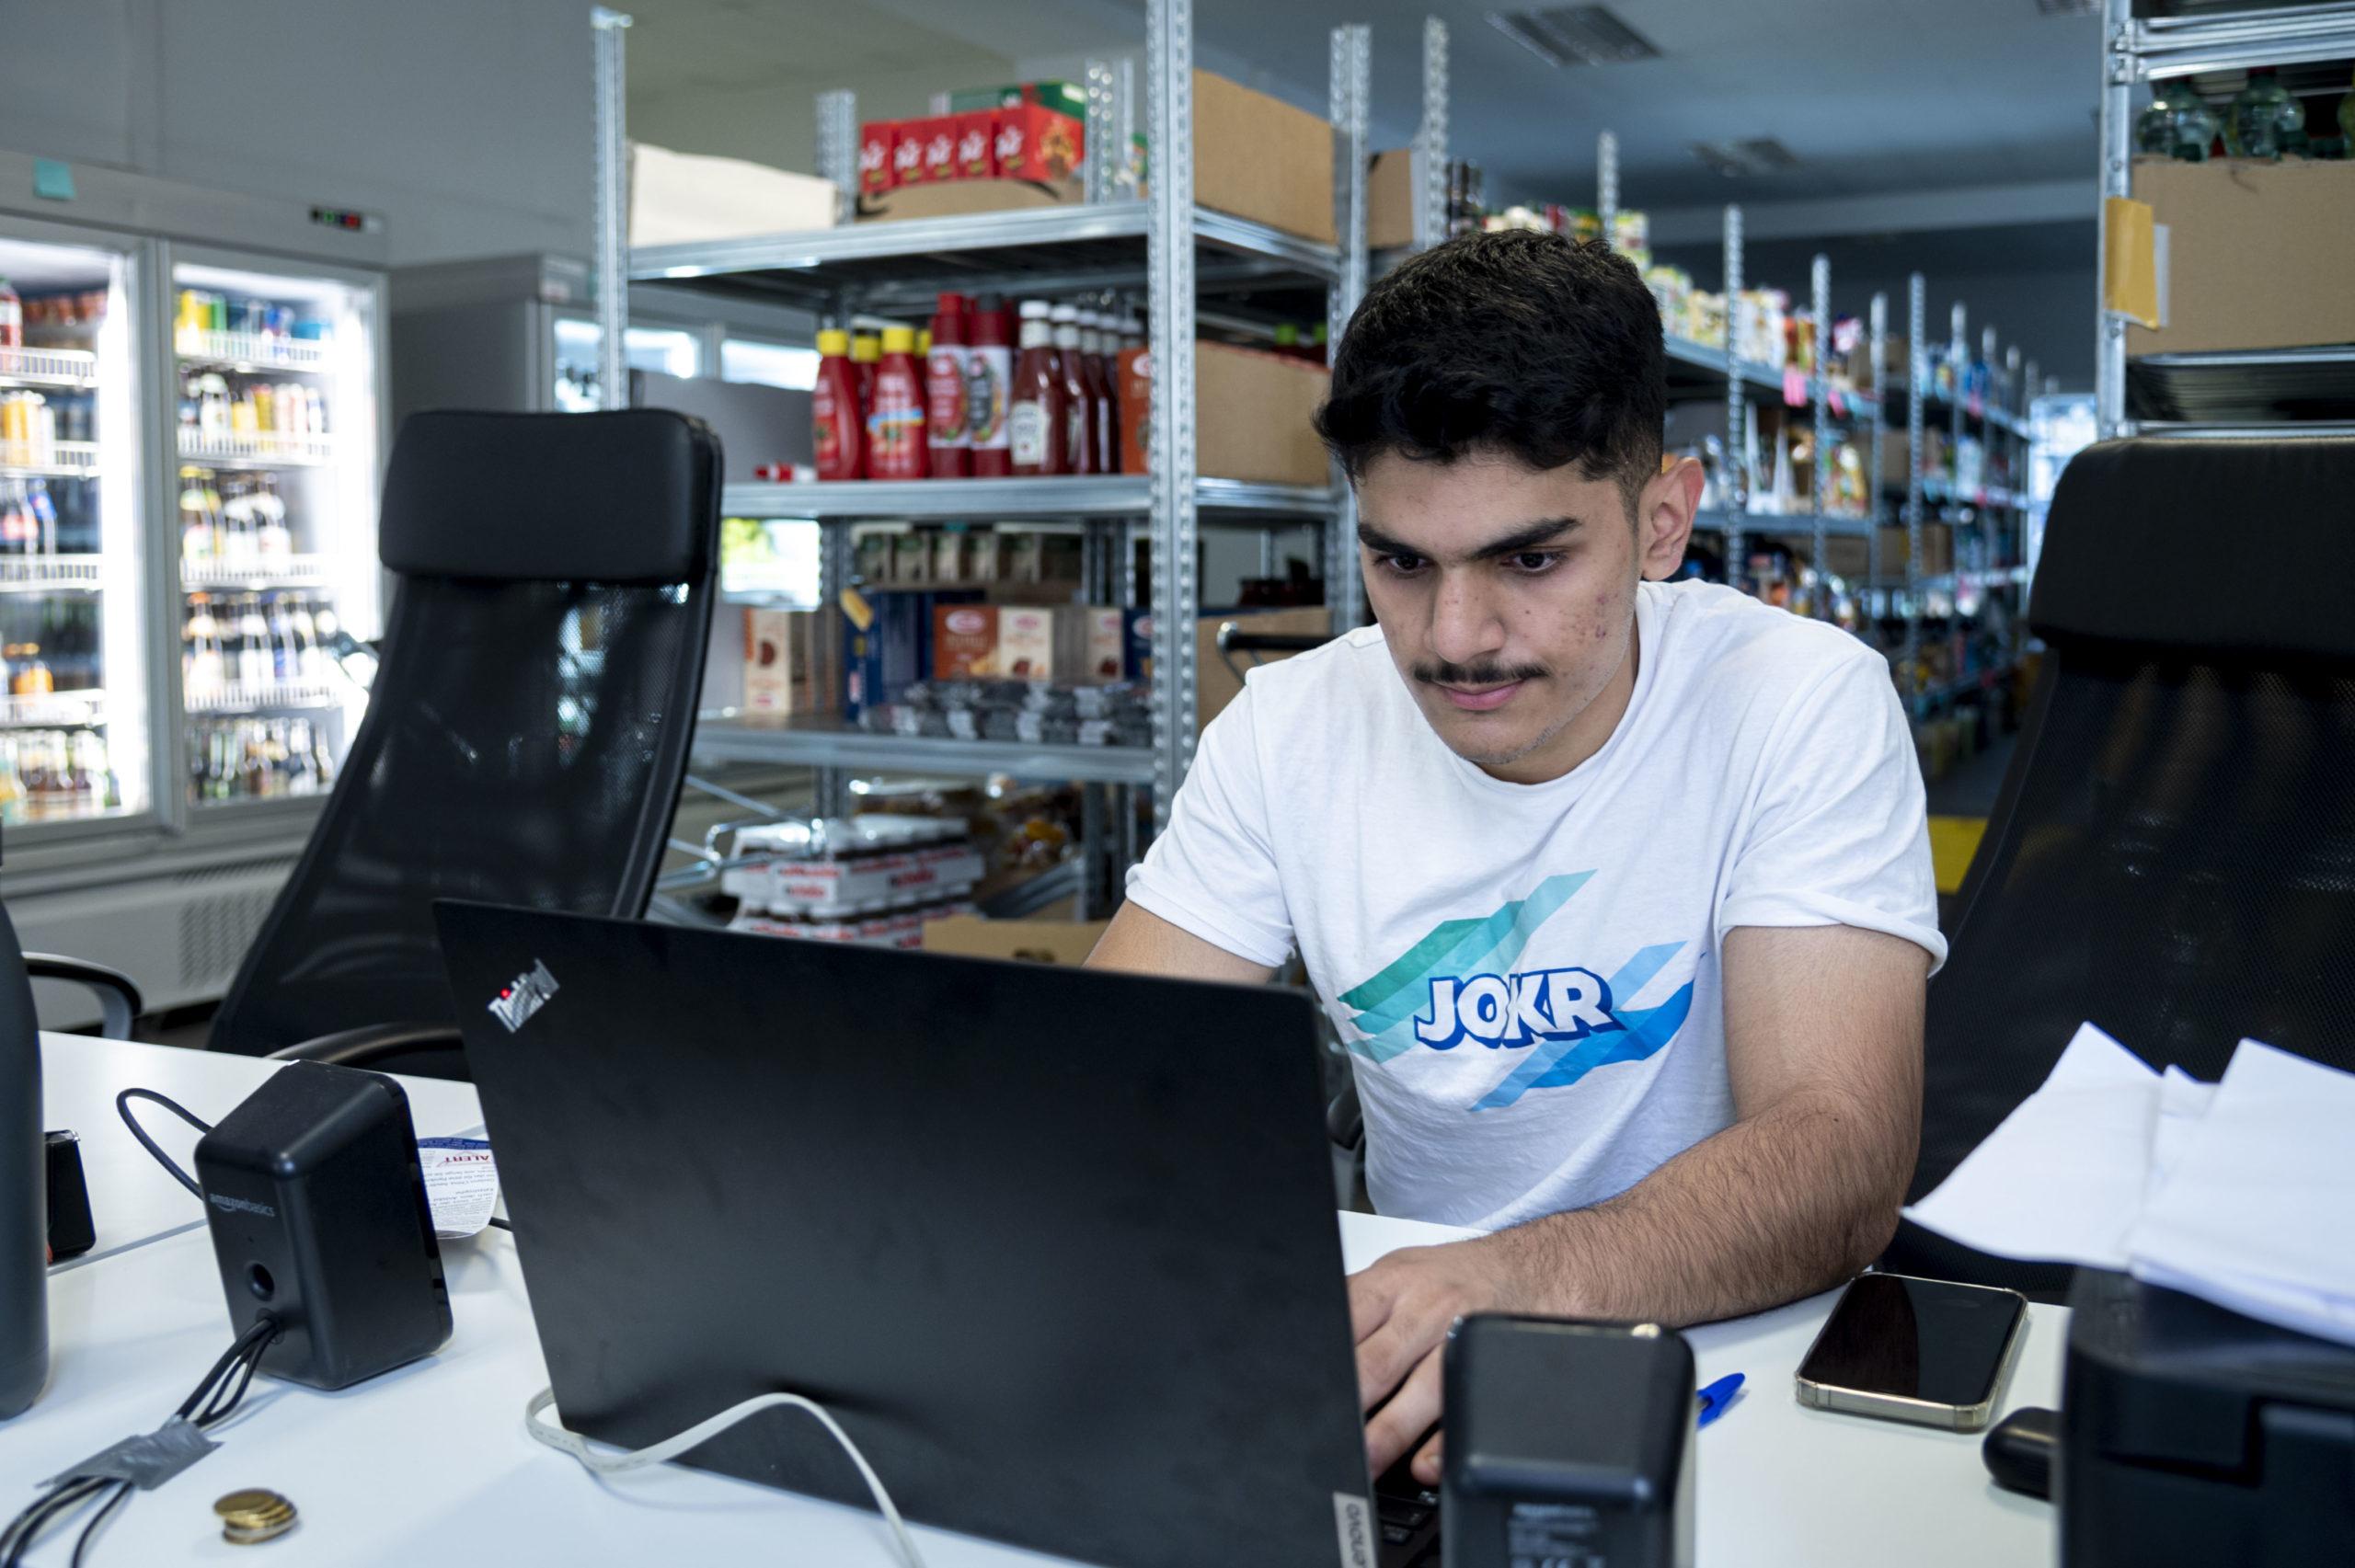 Ein Jokr-Picker empfängt eine Bestellung © PRVA Newcomers